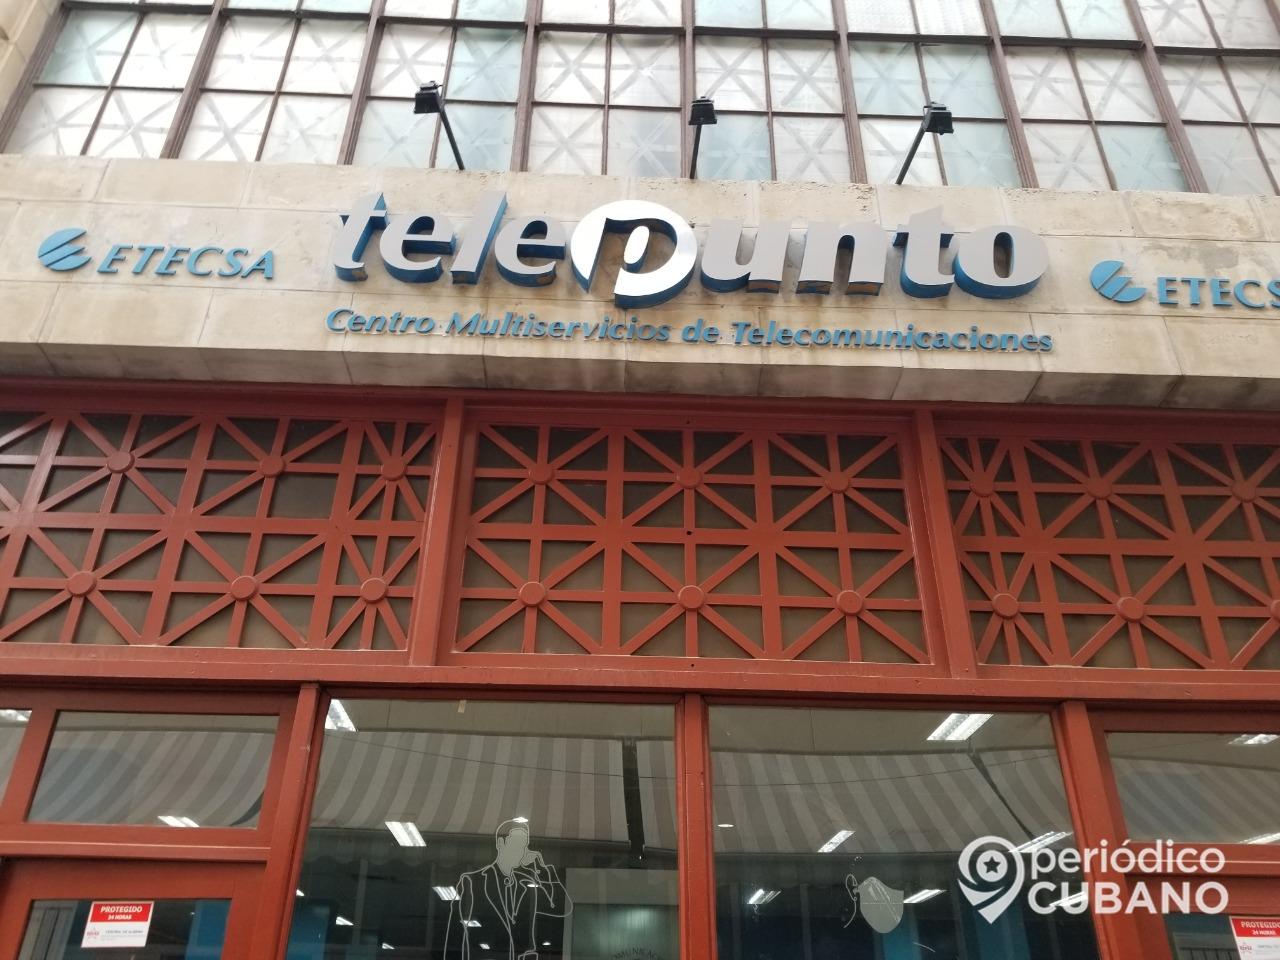 Casi 8 millones de cubanos se conectaron a Internet mediante Etecsa en el mes de enero